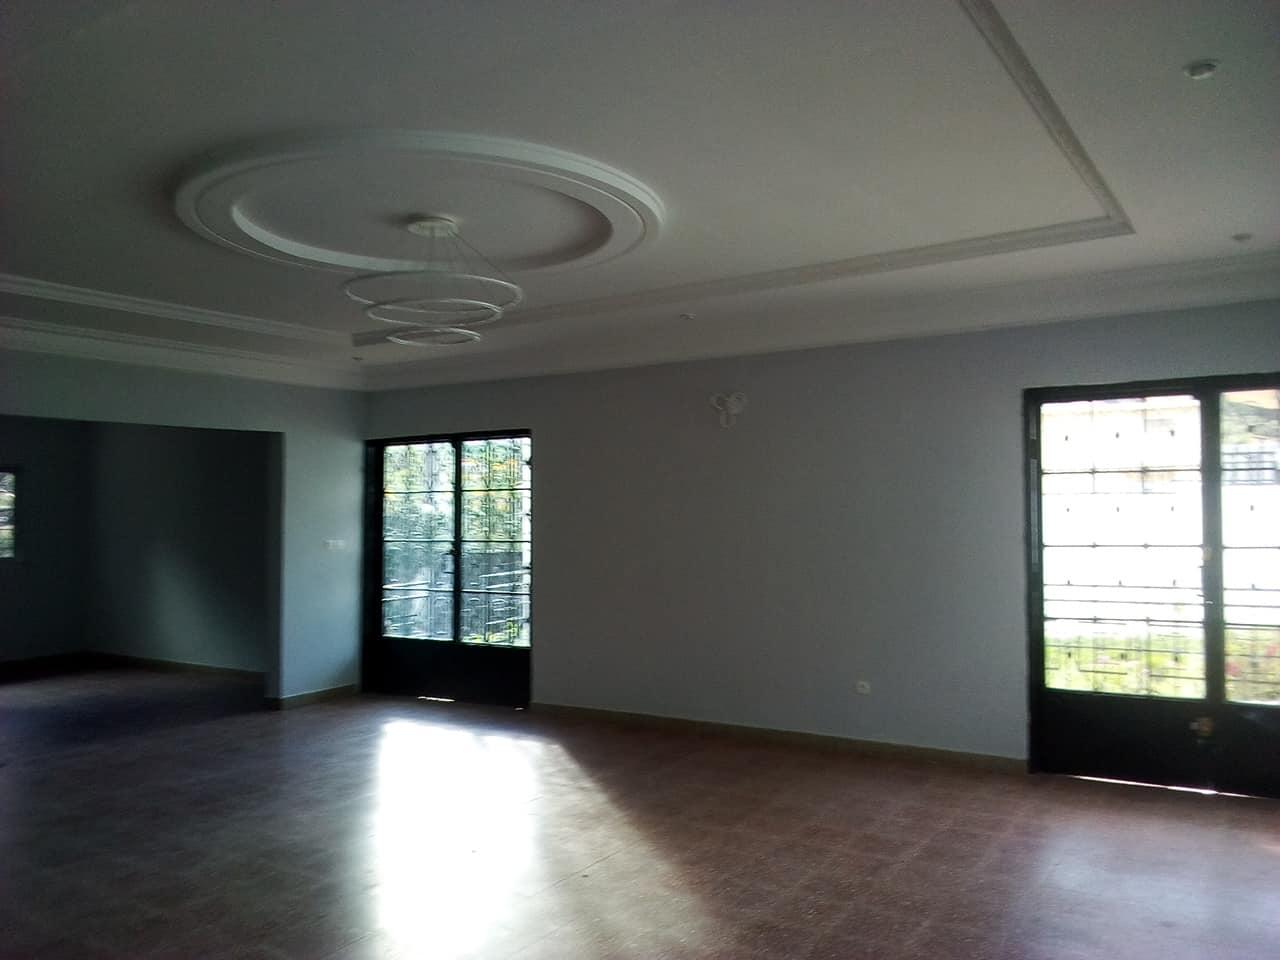 Apartment to rent - Yaoundé, Bastos, VILLA AVEC DEPENDANCE  pas loin de la banque mondiale - 1 living room(s), 4 bedroom(s), 4 bathroom(s) - 1 500 000 FCFA / month